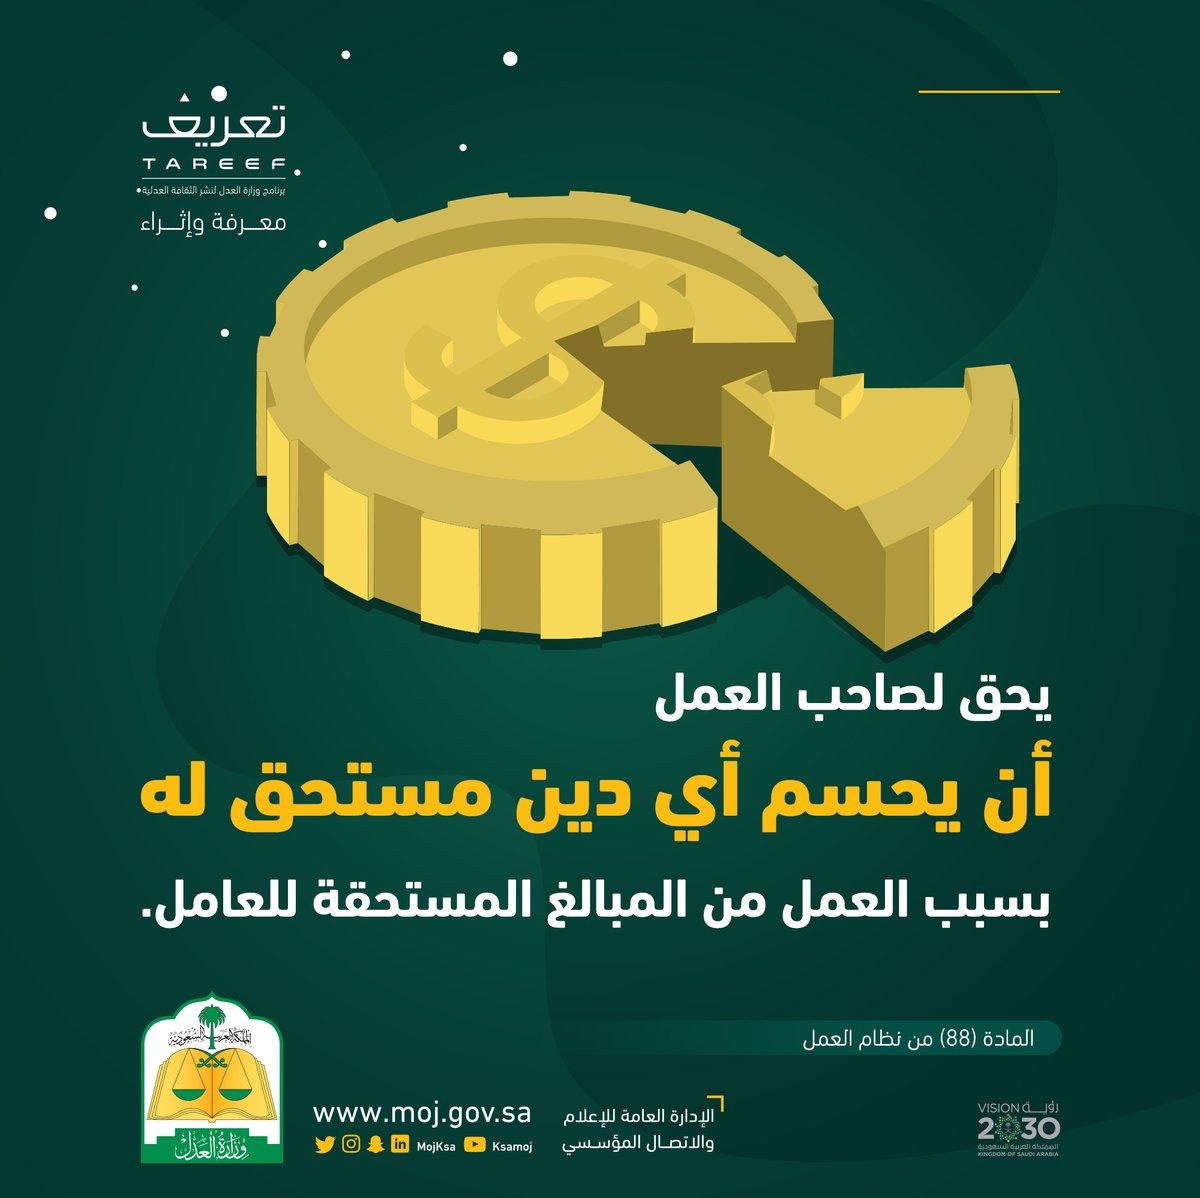 اصابع الجبن المقلية ام وليد لم يسبق له مثيل الصور + E-FRONTA.INFO